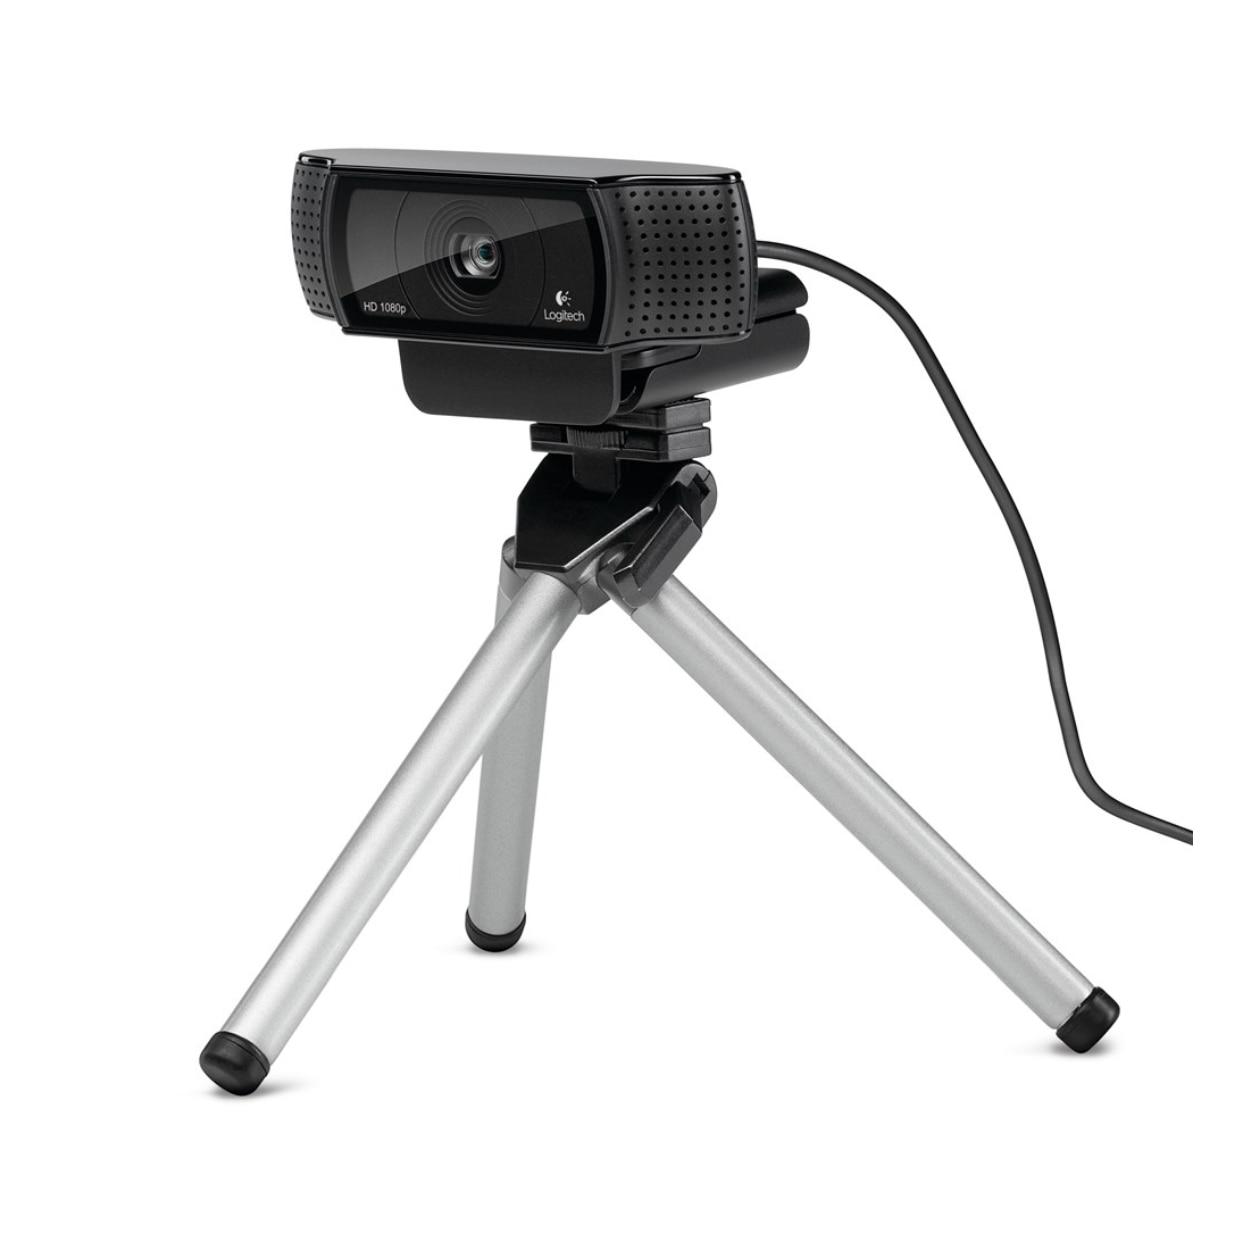 Logitech C920, 15 MP, 1920 x 1080 pixels, 720p,1080p, H.264, USB 2.0, Black